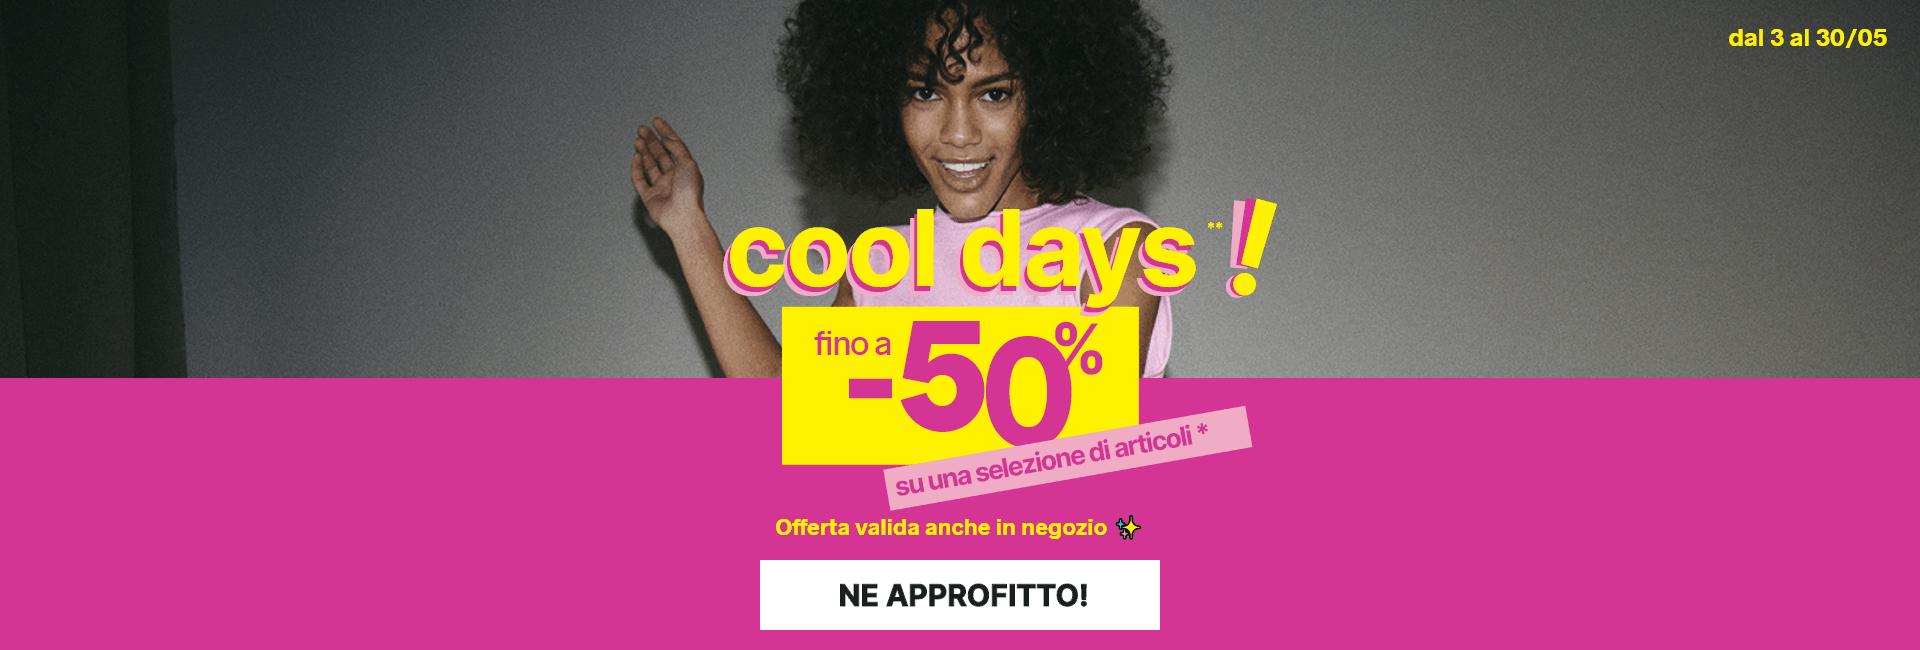 Cooldays - Fino a -50% su una selezione di articoli - Pimkie